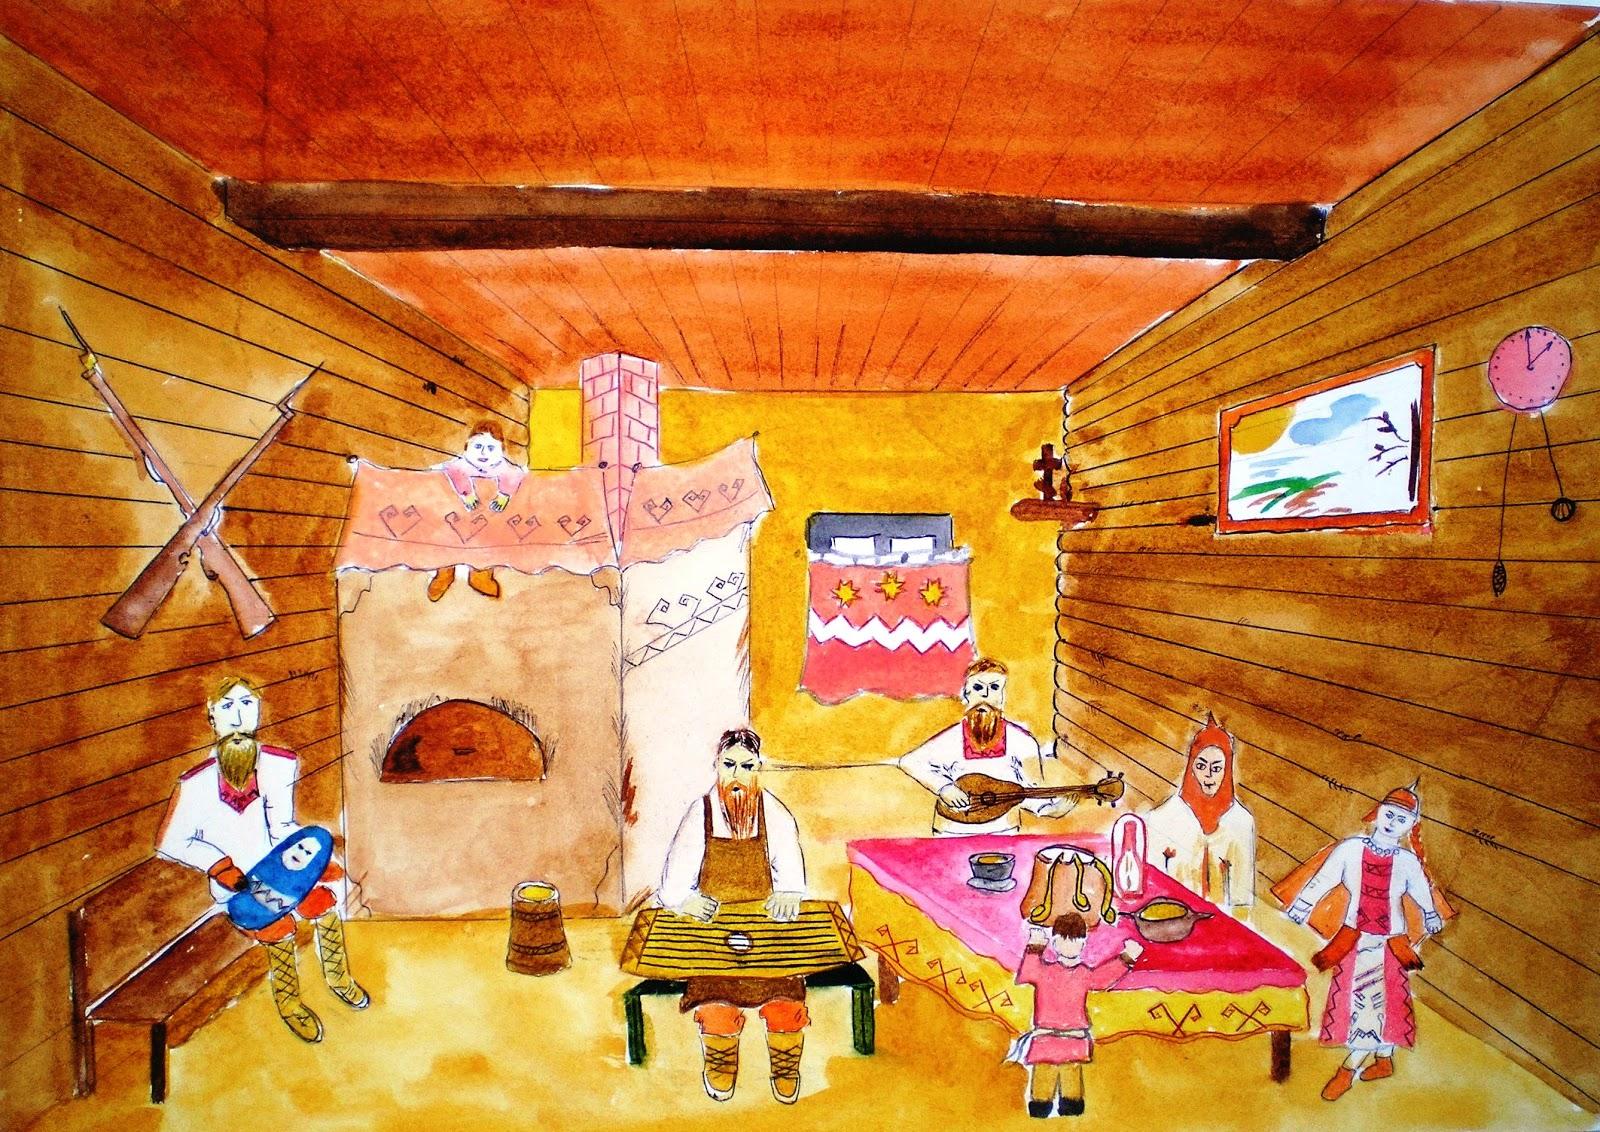 древнерусский дом внутри рисунок нашем интернет-магазине